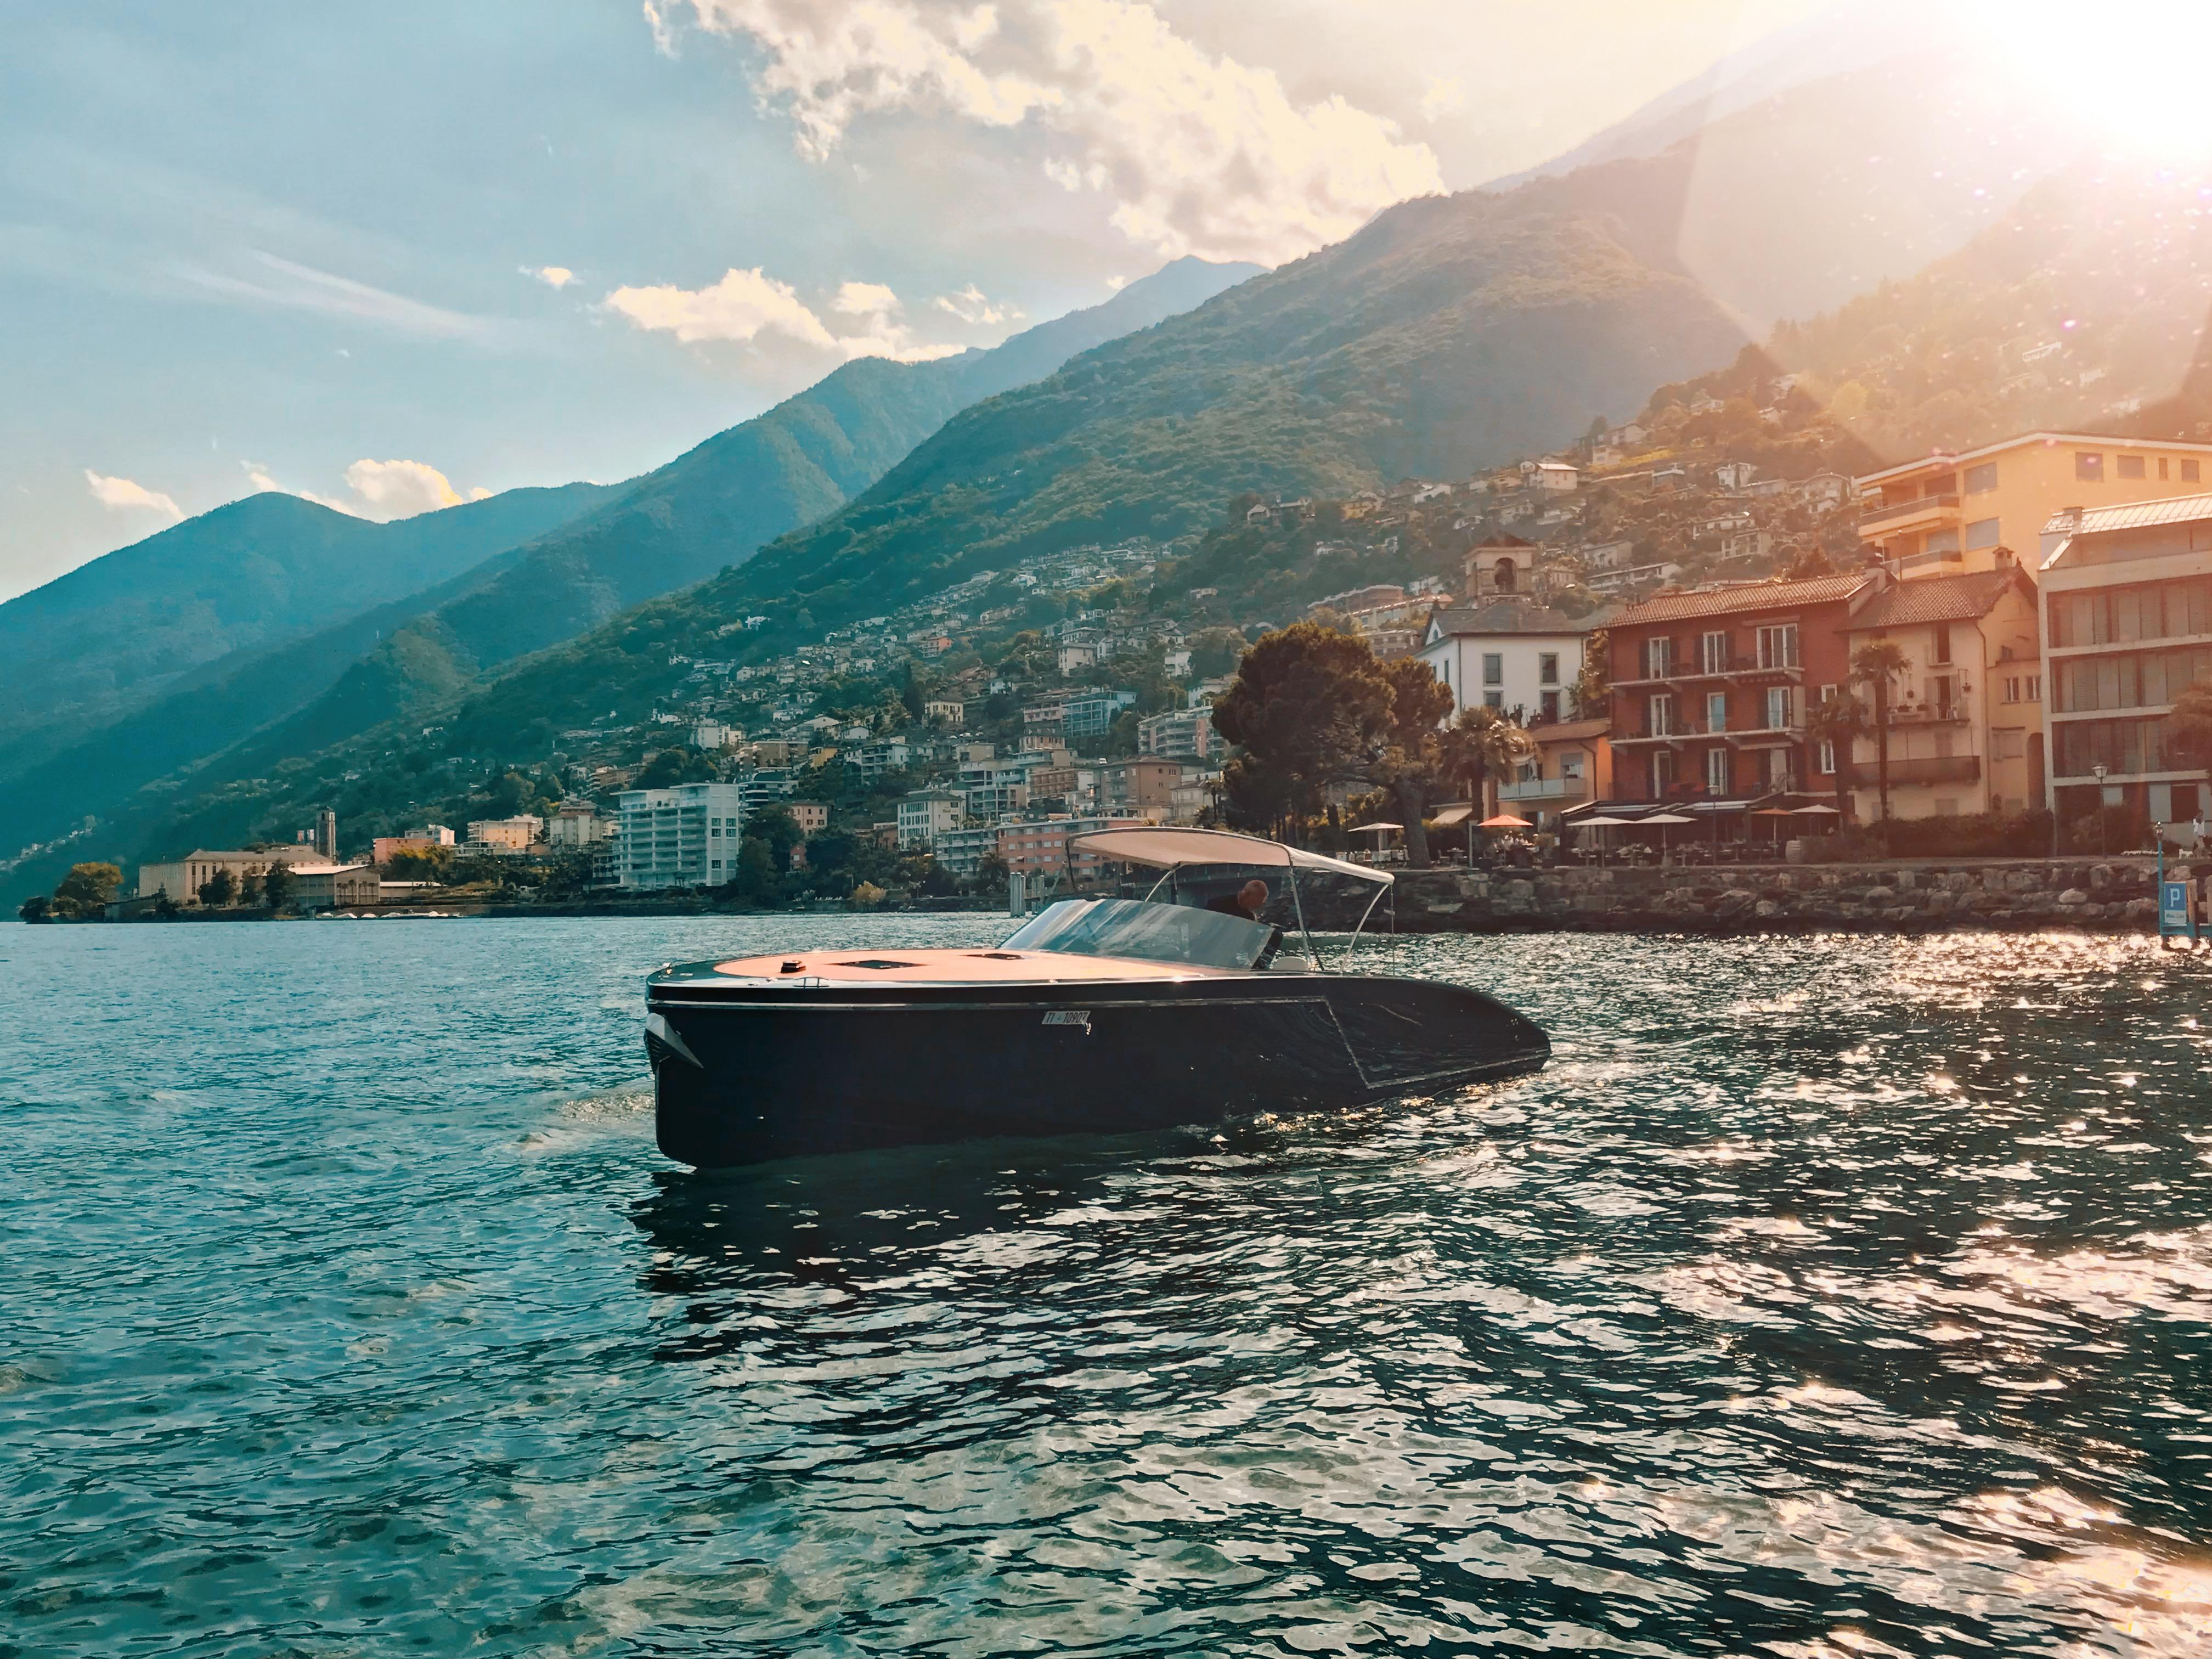 Frauscher mieten am Lago Maggiore